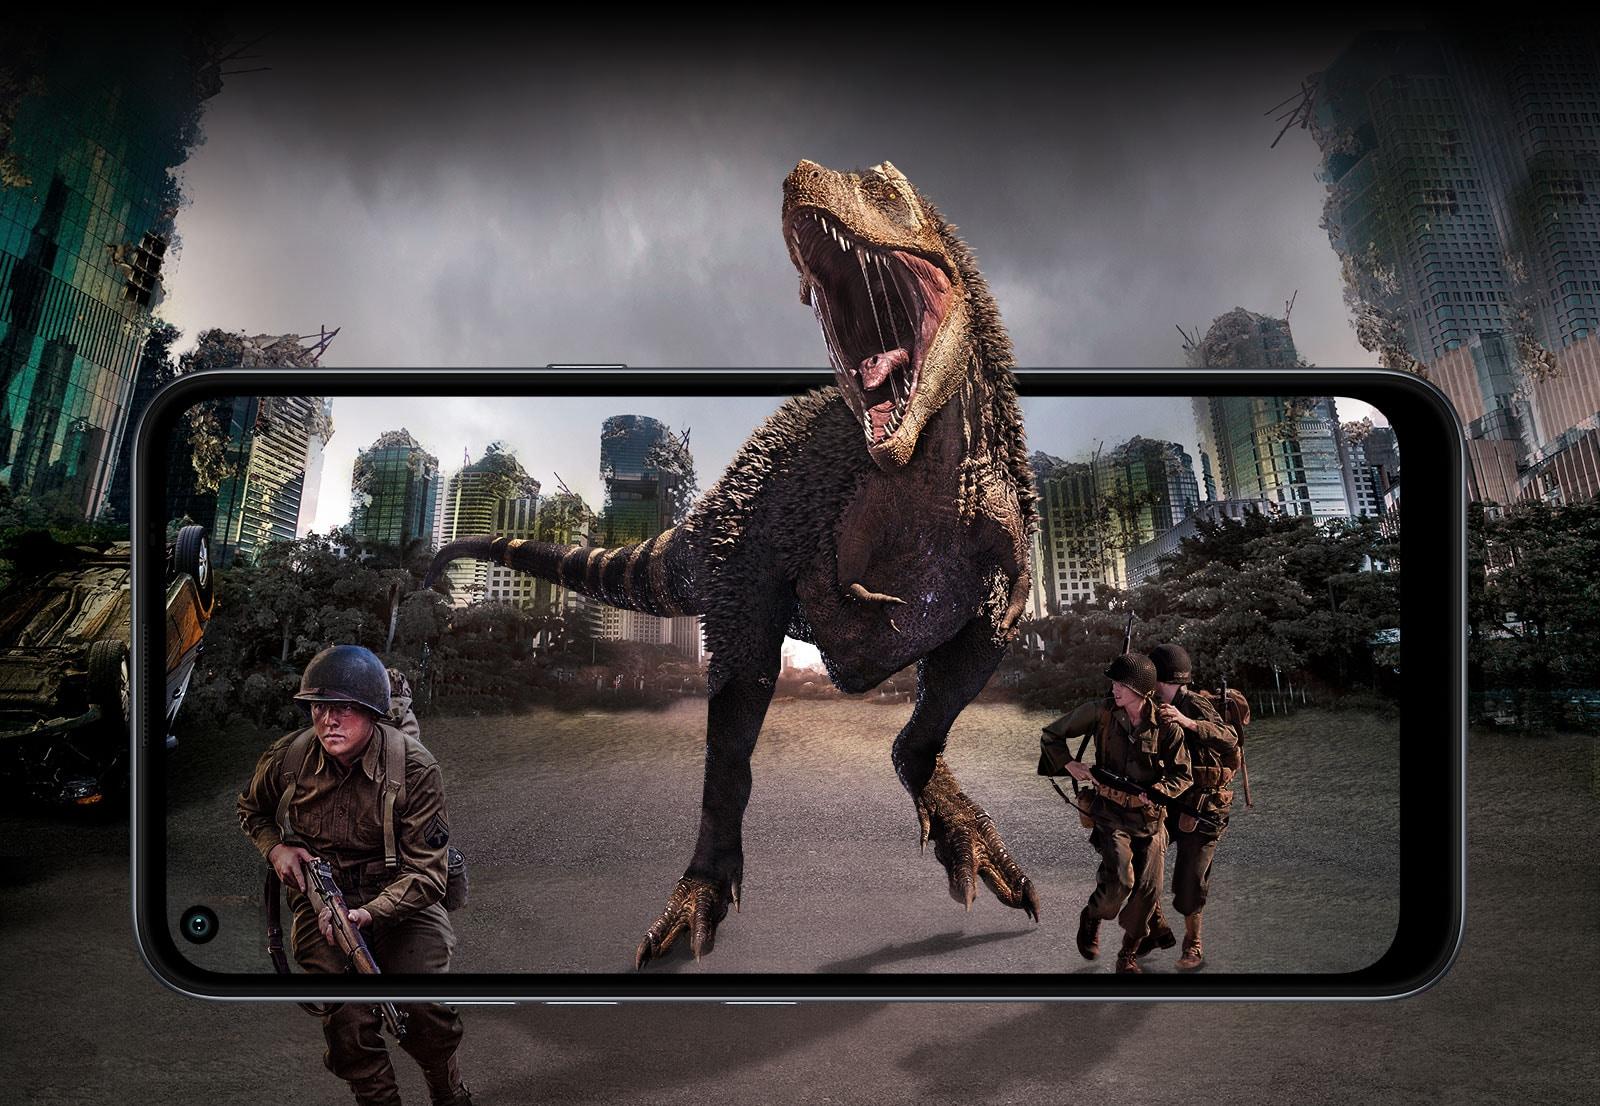 Detrás de la ciudad en ruinas y una lucha con un dinosaurio y soldados